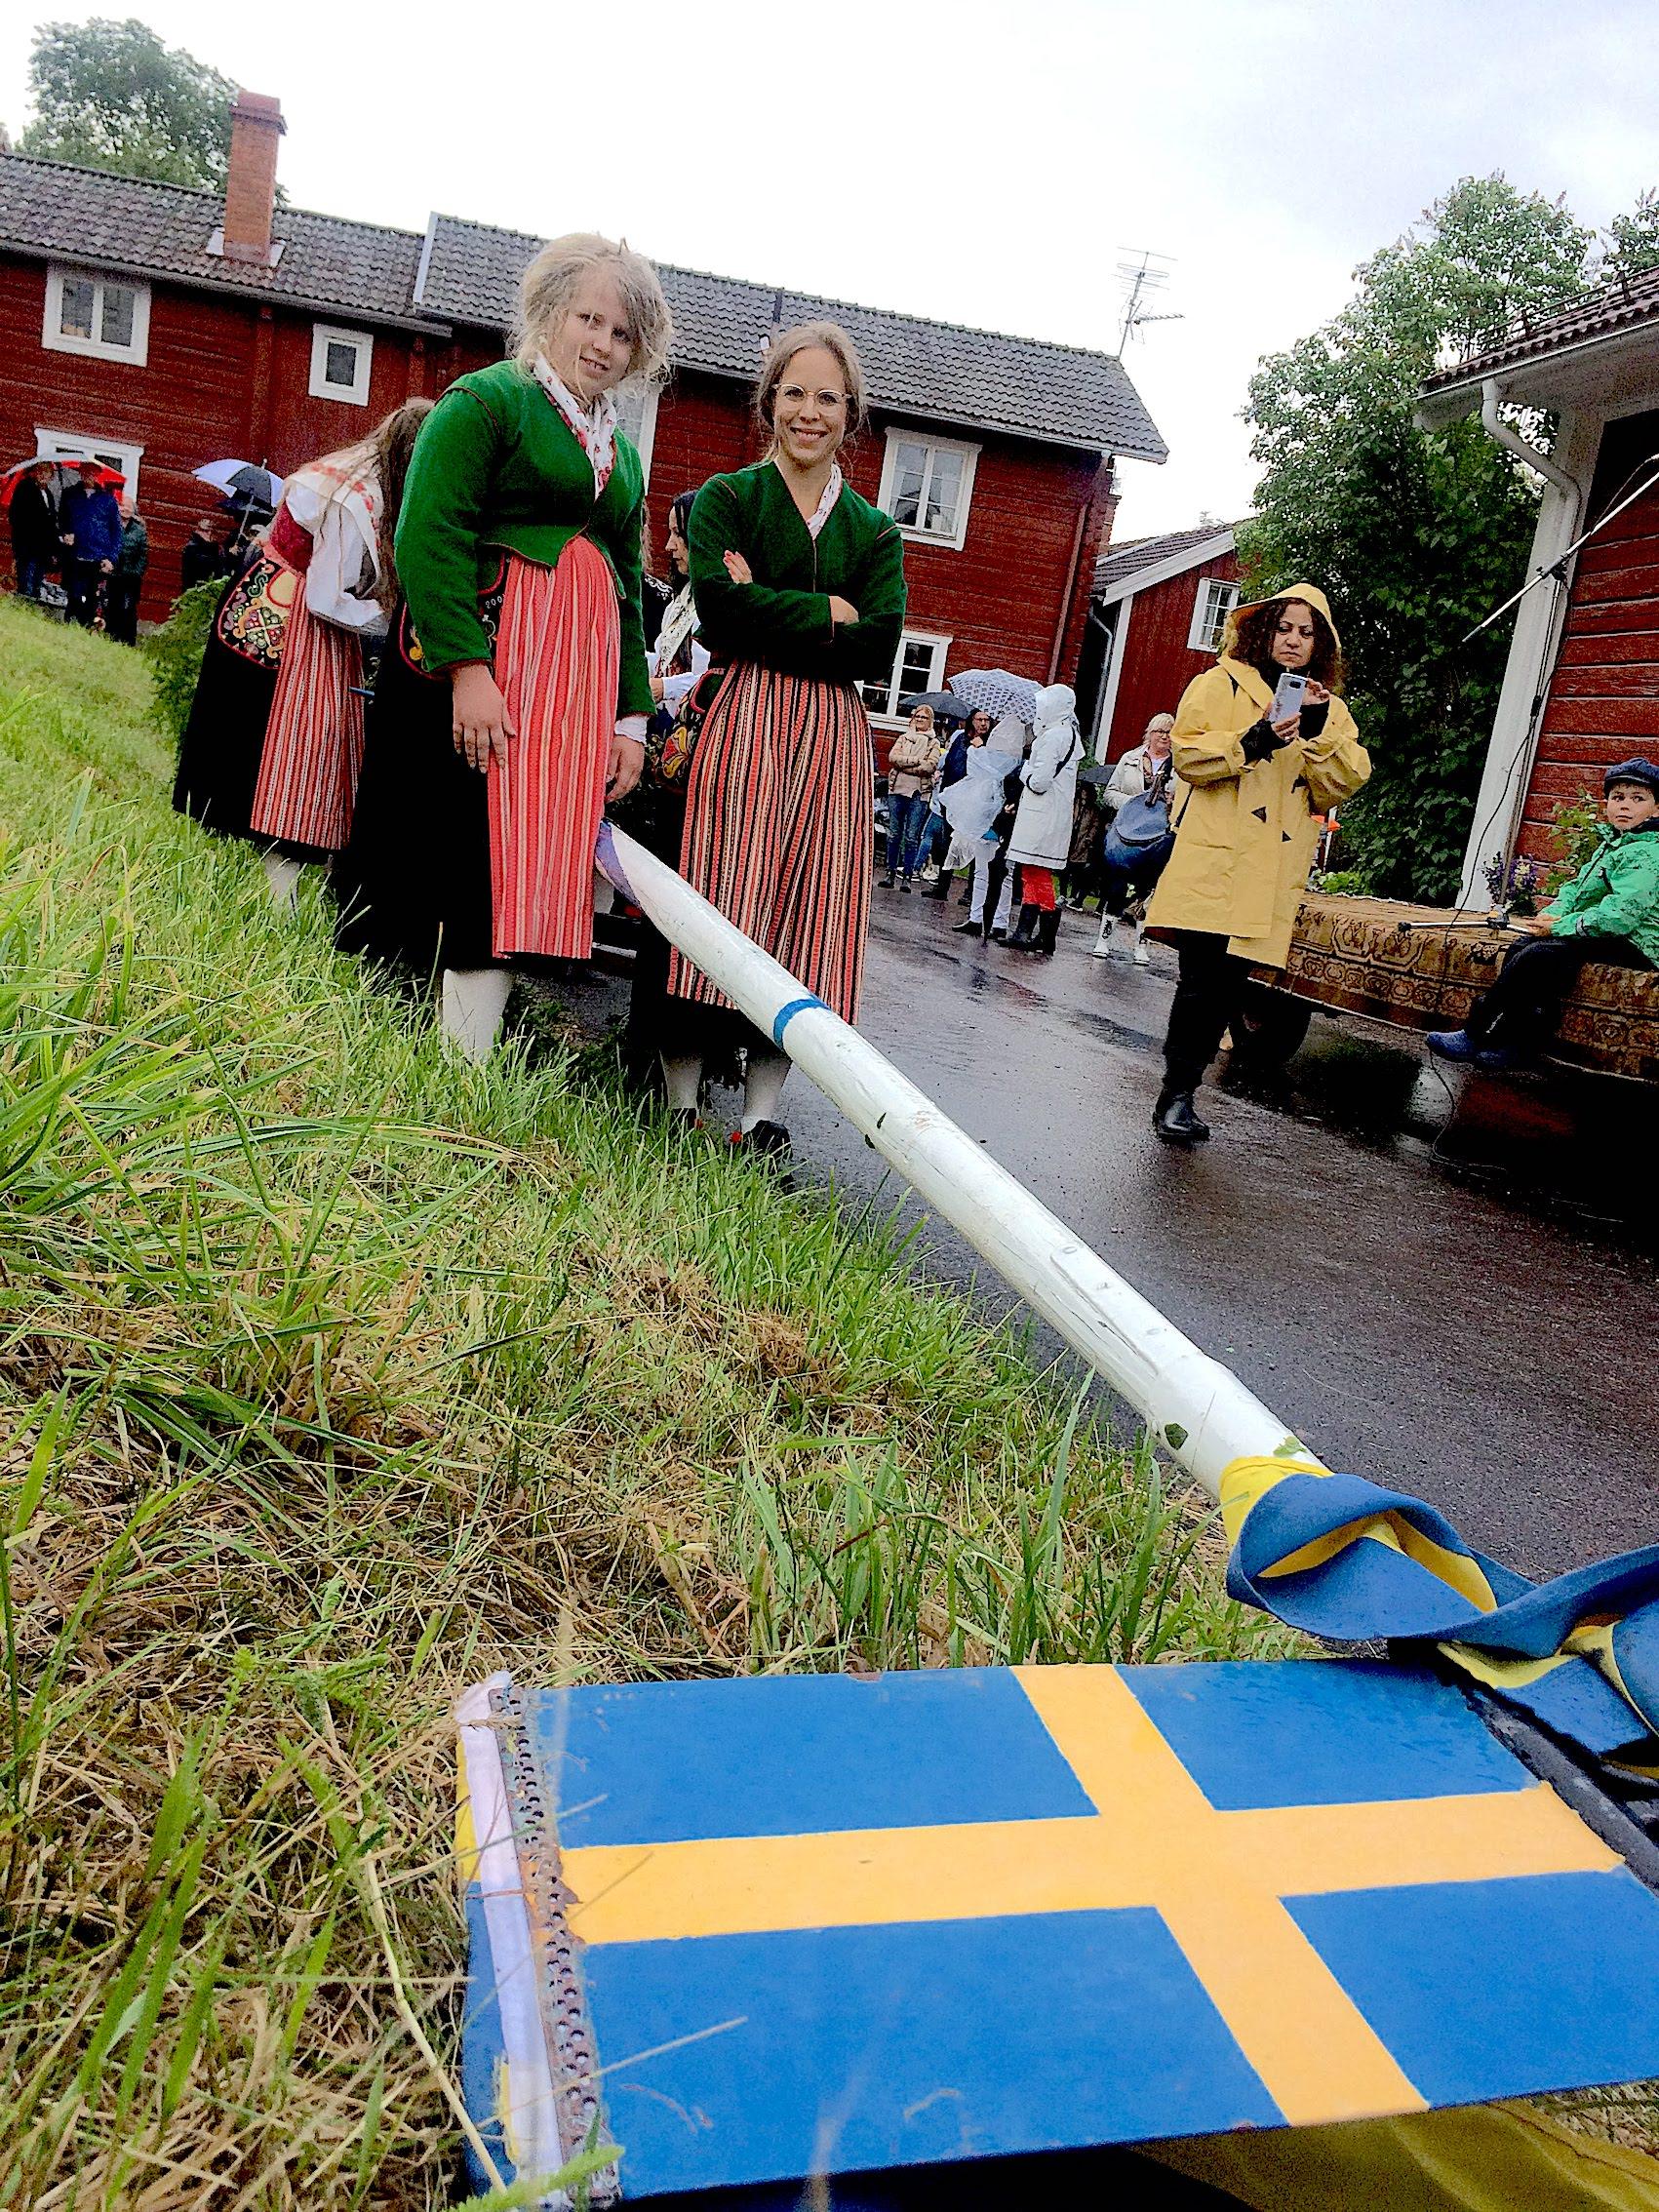 Midsommar i Dalarna:  Blomster, dans og felemusikk i tre dager til ende